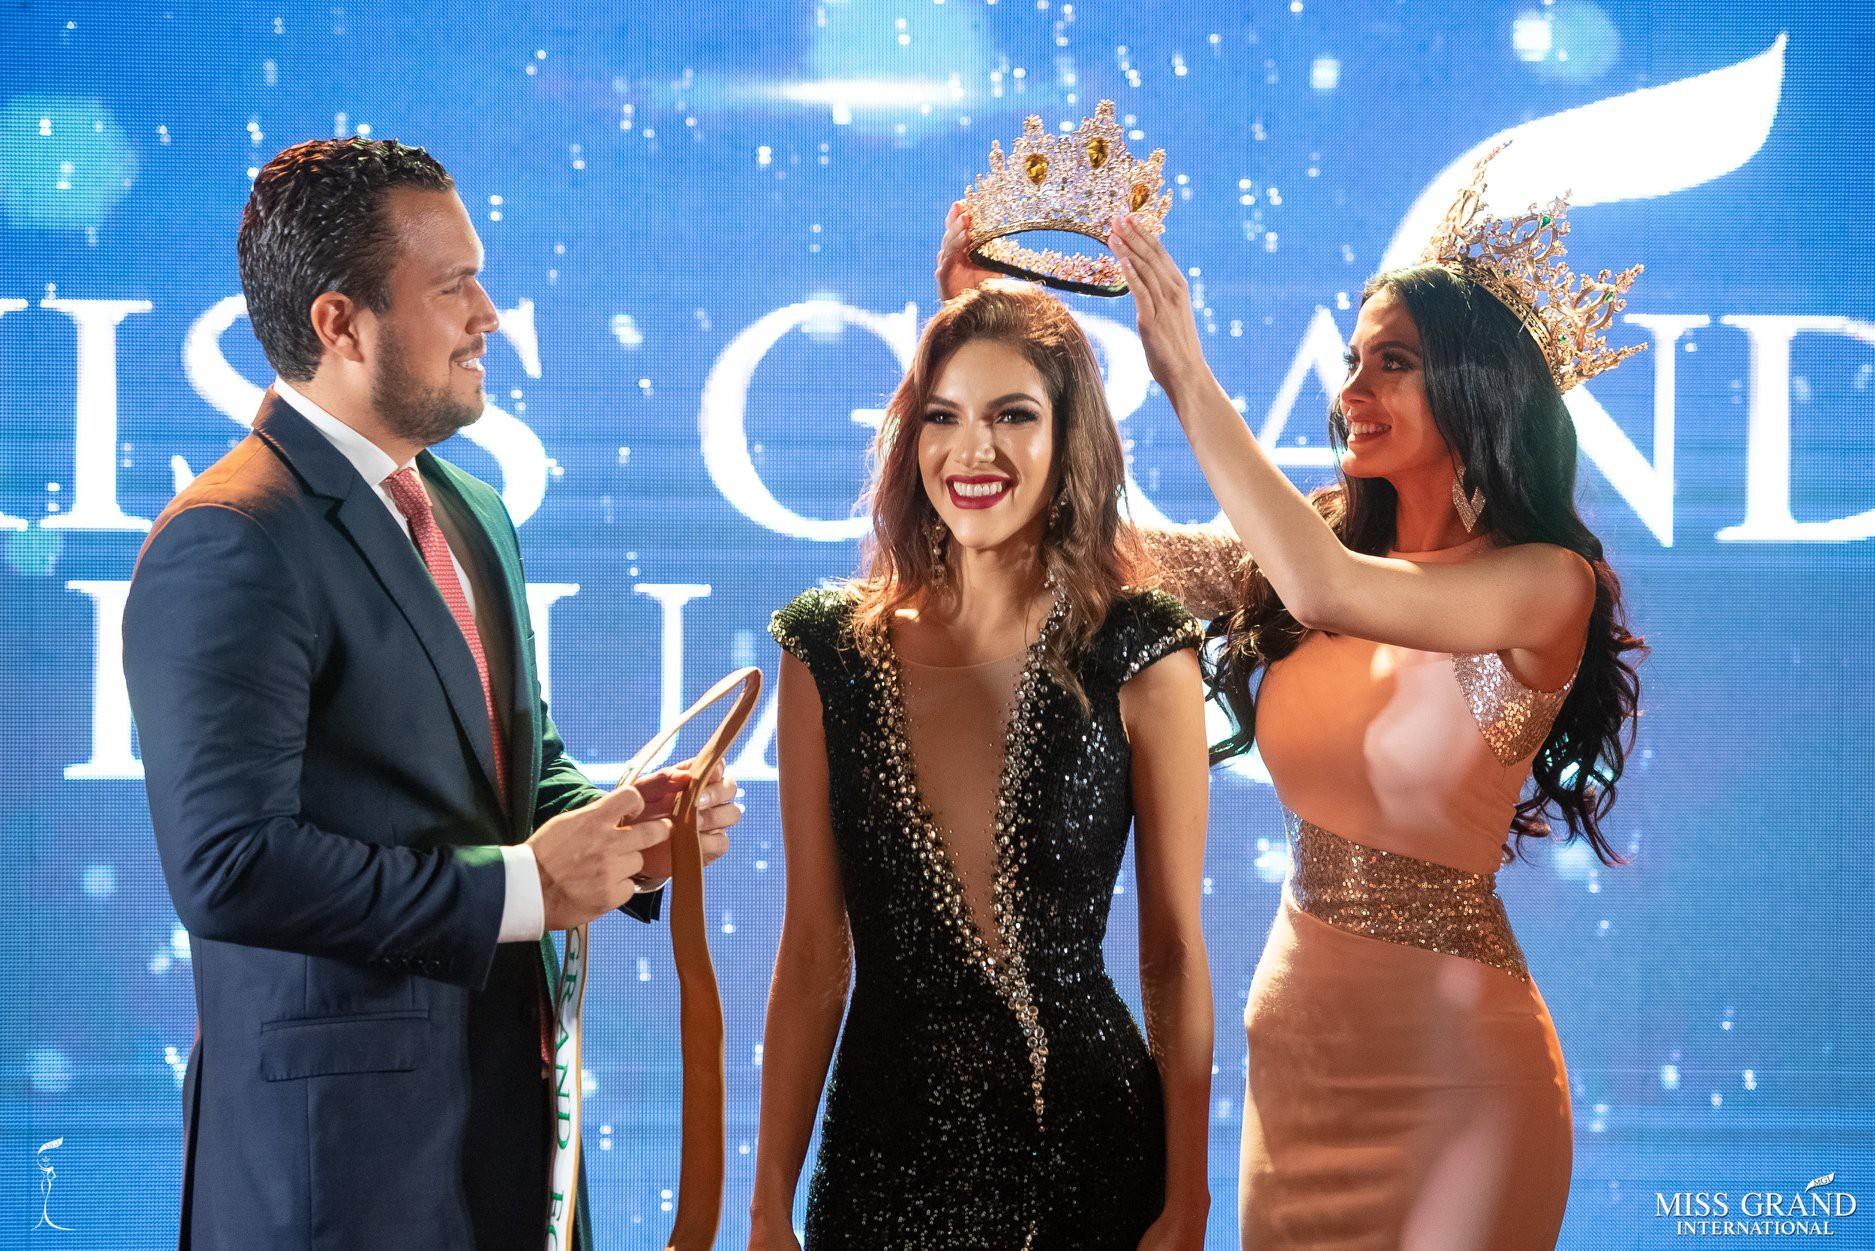 Nhan sắc rực rỡ của Hoa hậu Hòa bình Ecuador 2019  - Ảnh 1.